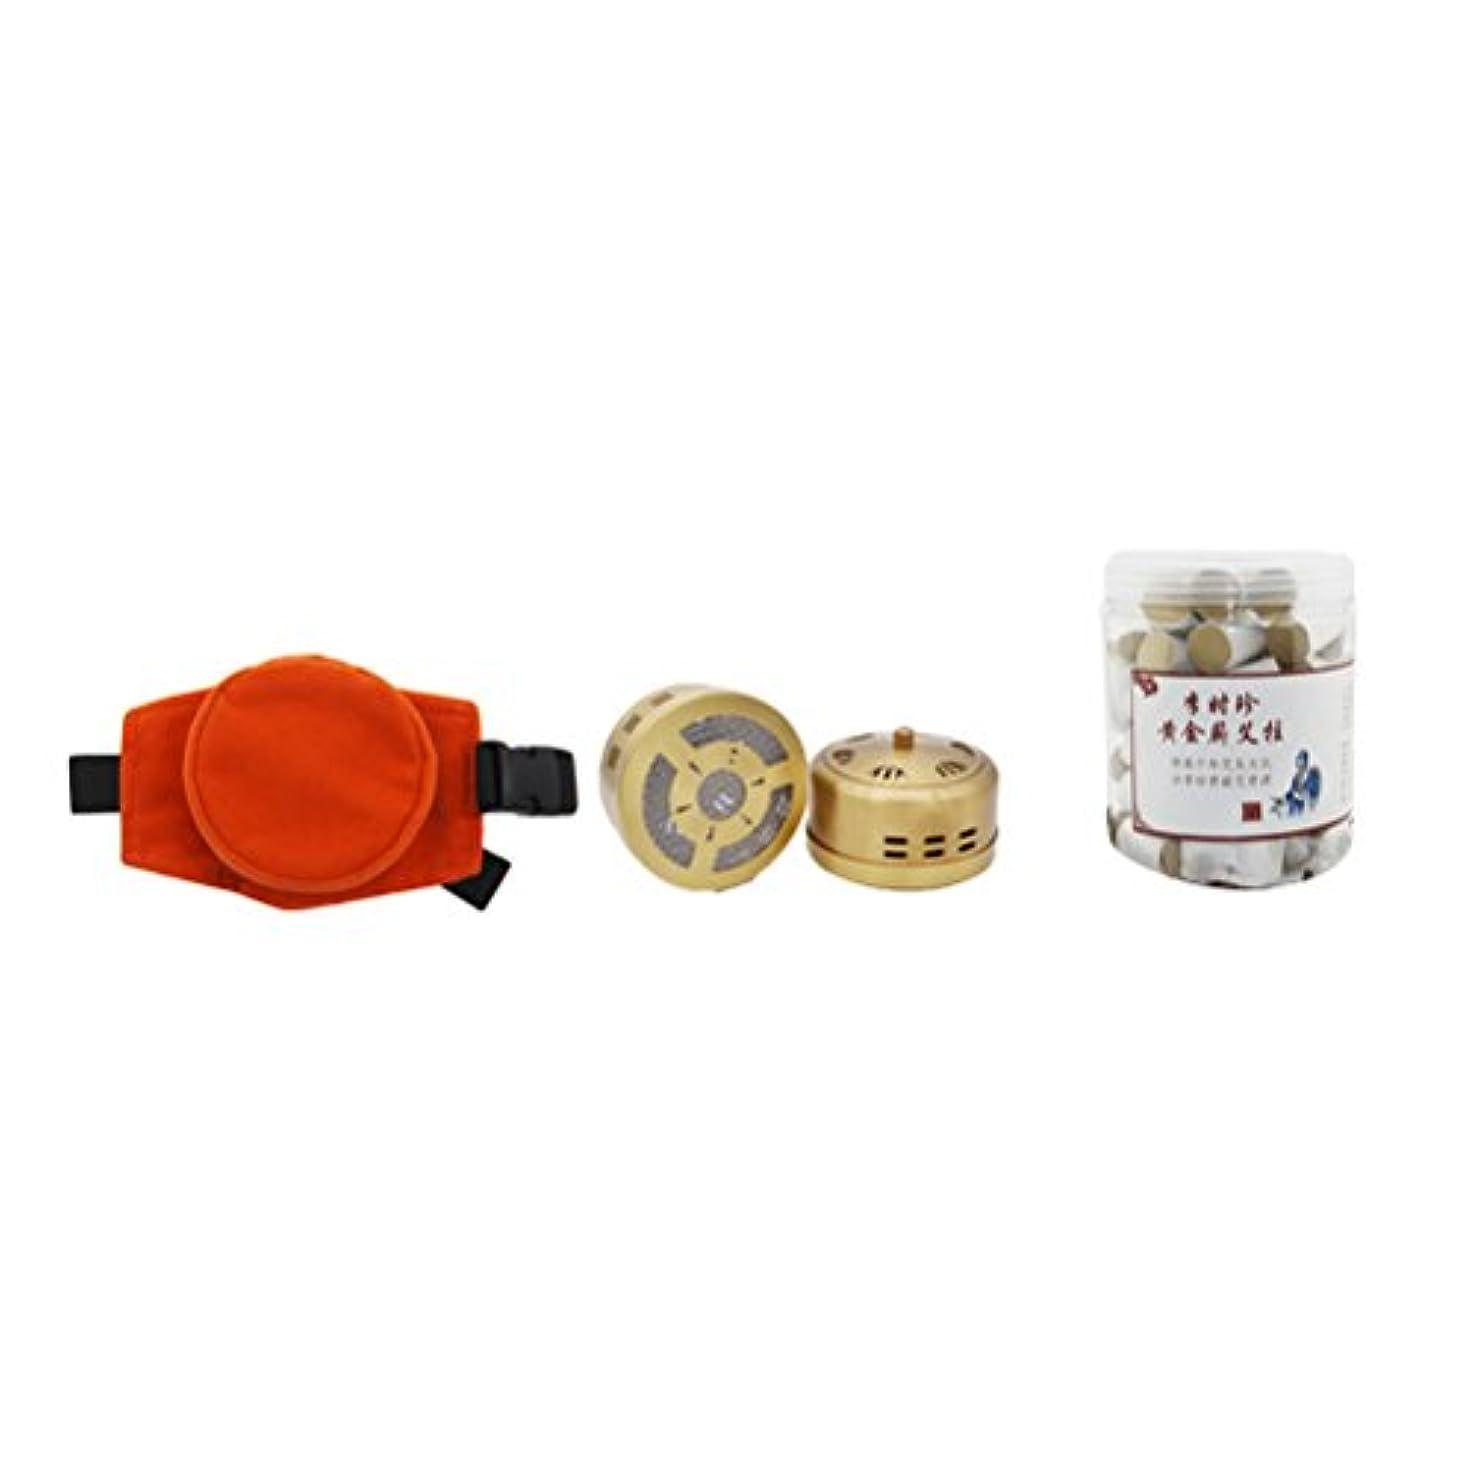 スタイルワイヤーきらめく灸スティックバーナーボックス無煙Moxa清浄器銅タンク調節可能なポケットと60個の腰部頚部の膝関節炎痛み緩和のための灸棒の灸治療の箱